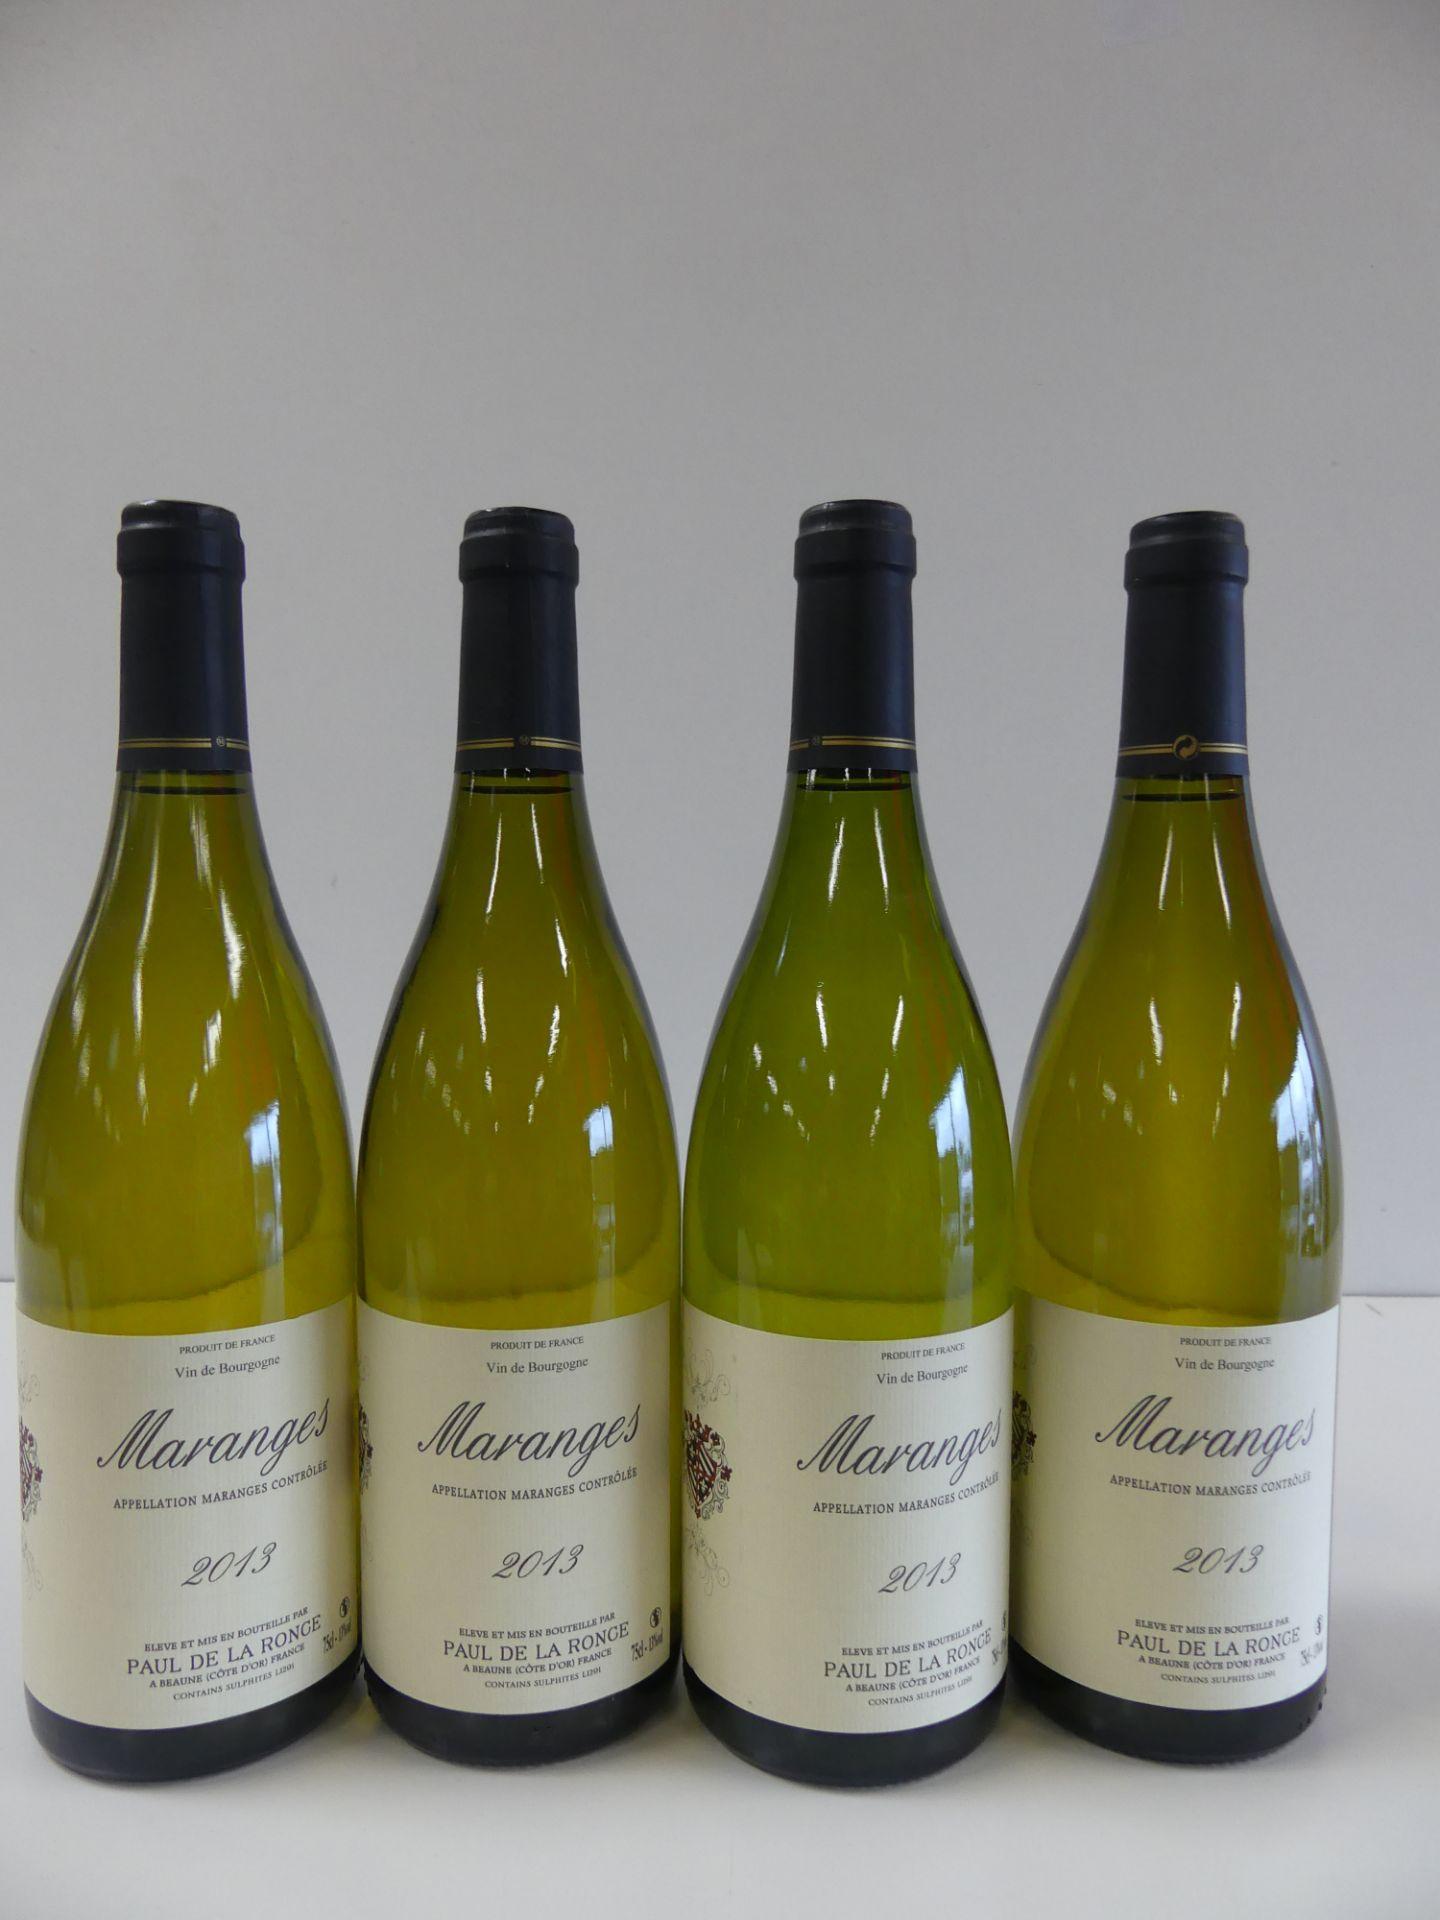 Los 10 - 4 Bourgogne Blanc Maranges Paul de la Ronce 2013 -